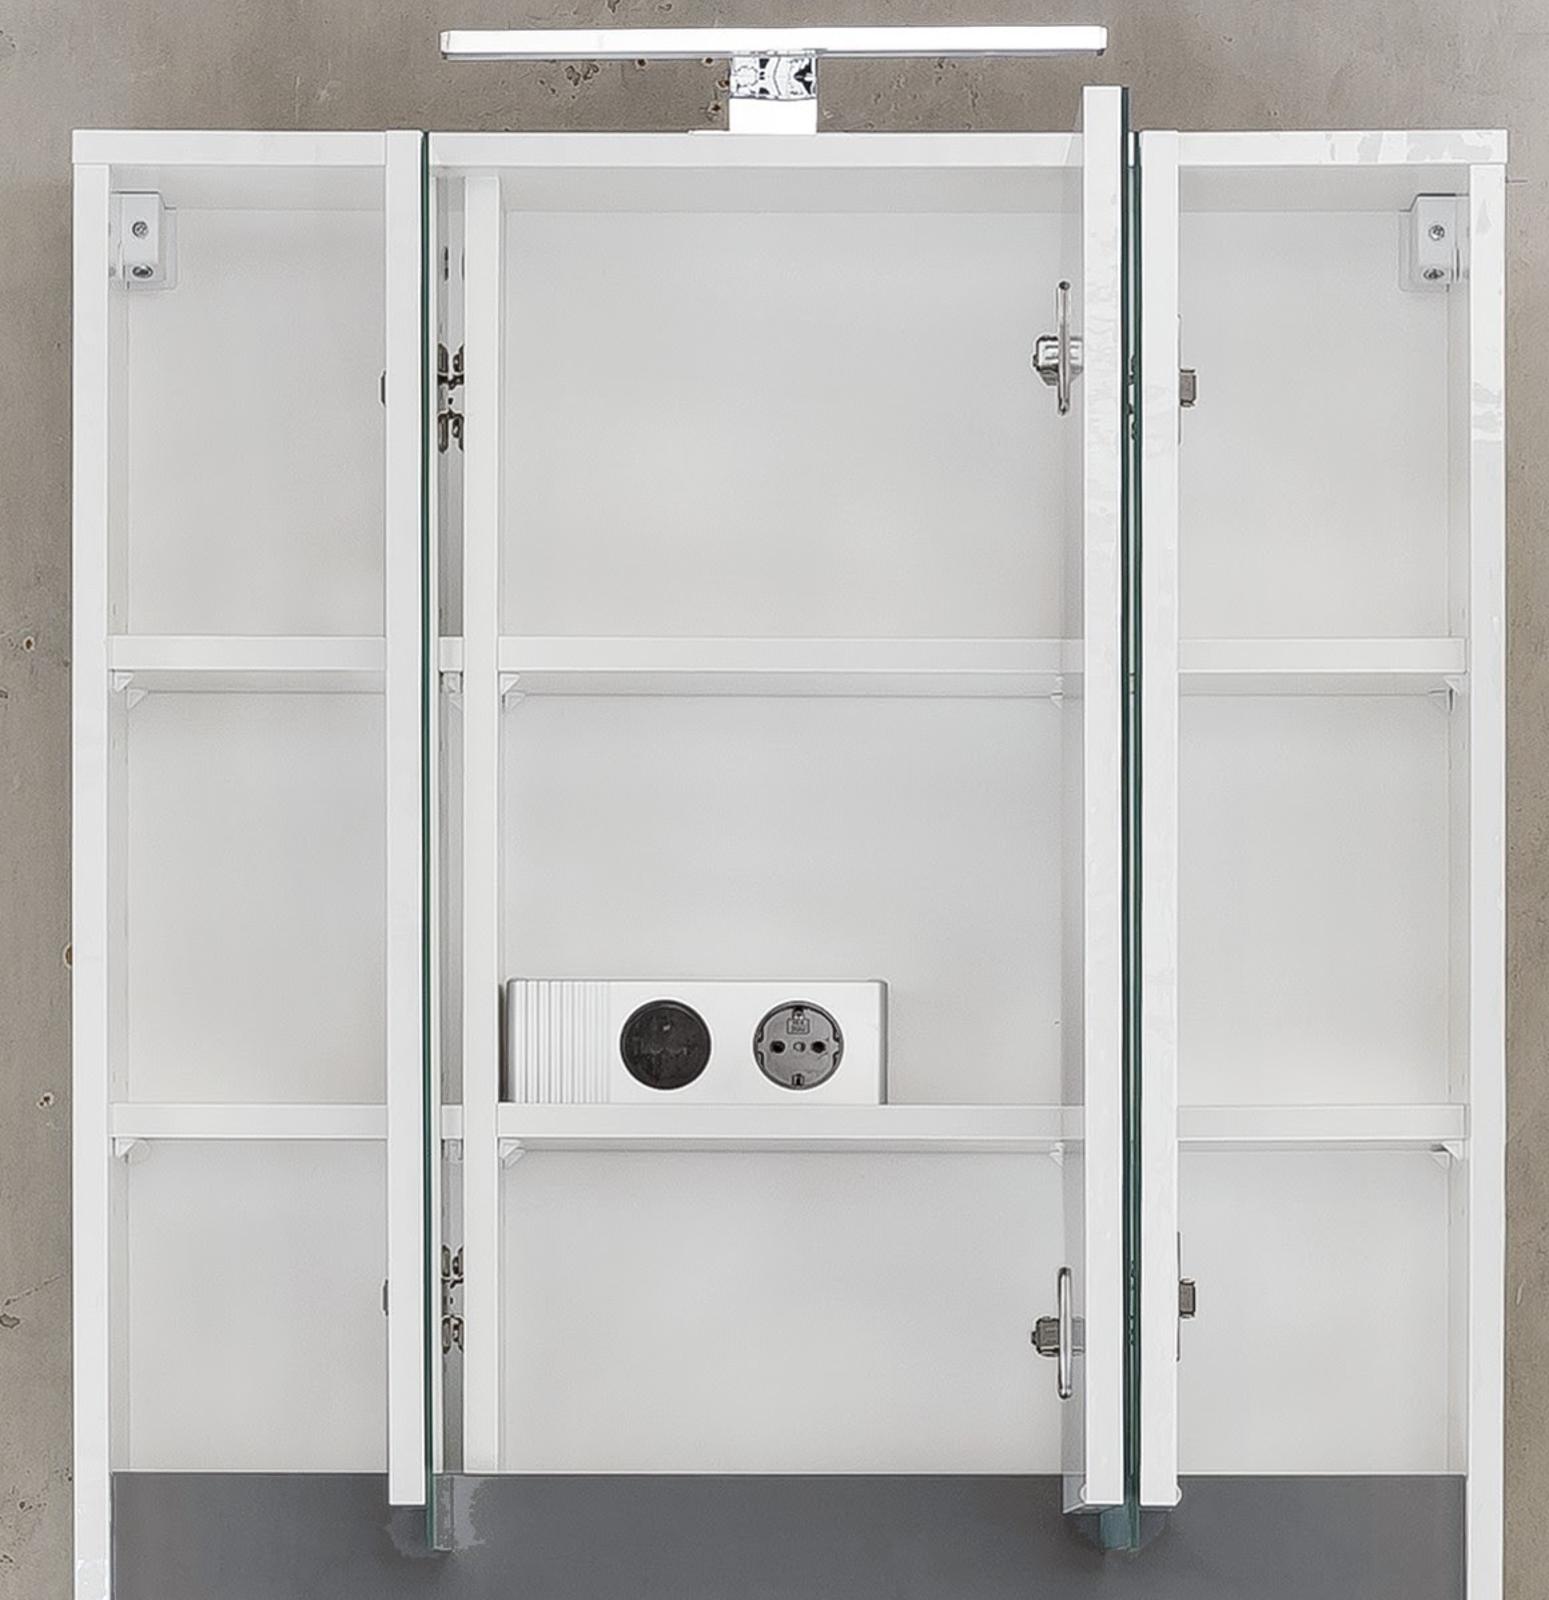 Beeindruckend Spiegelschrank 3 Türig Foto Von Bad Türen 3d In Weiß Und Alteiche